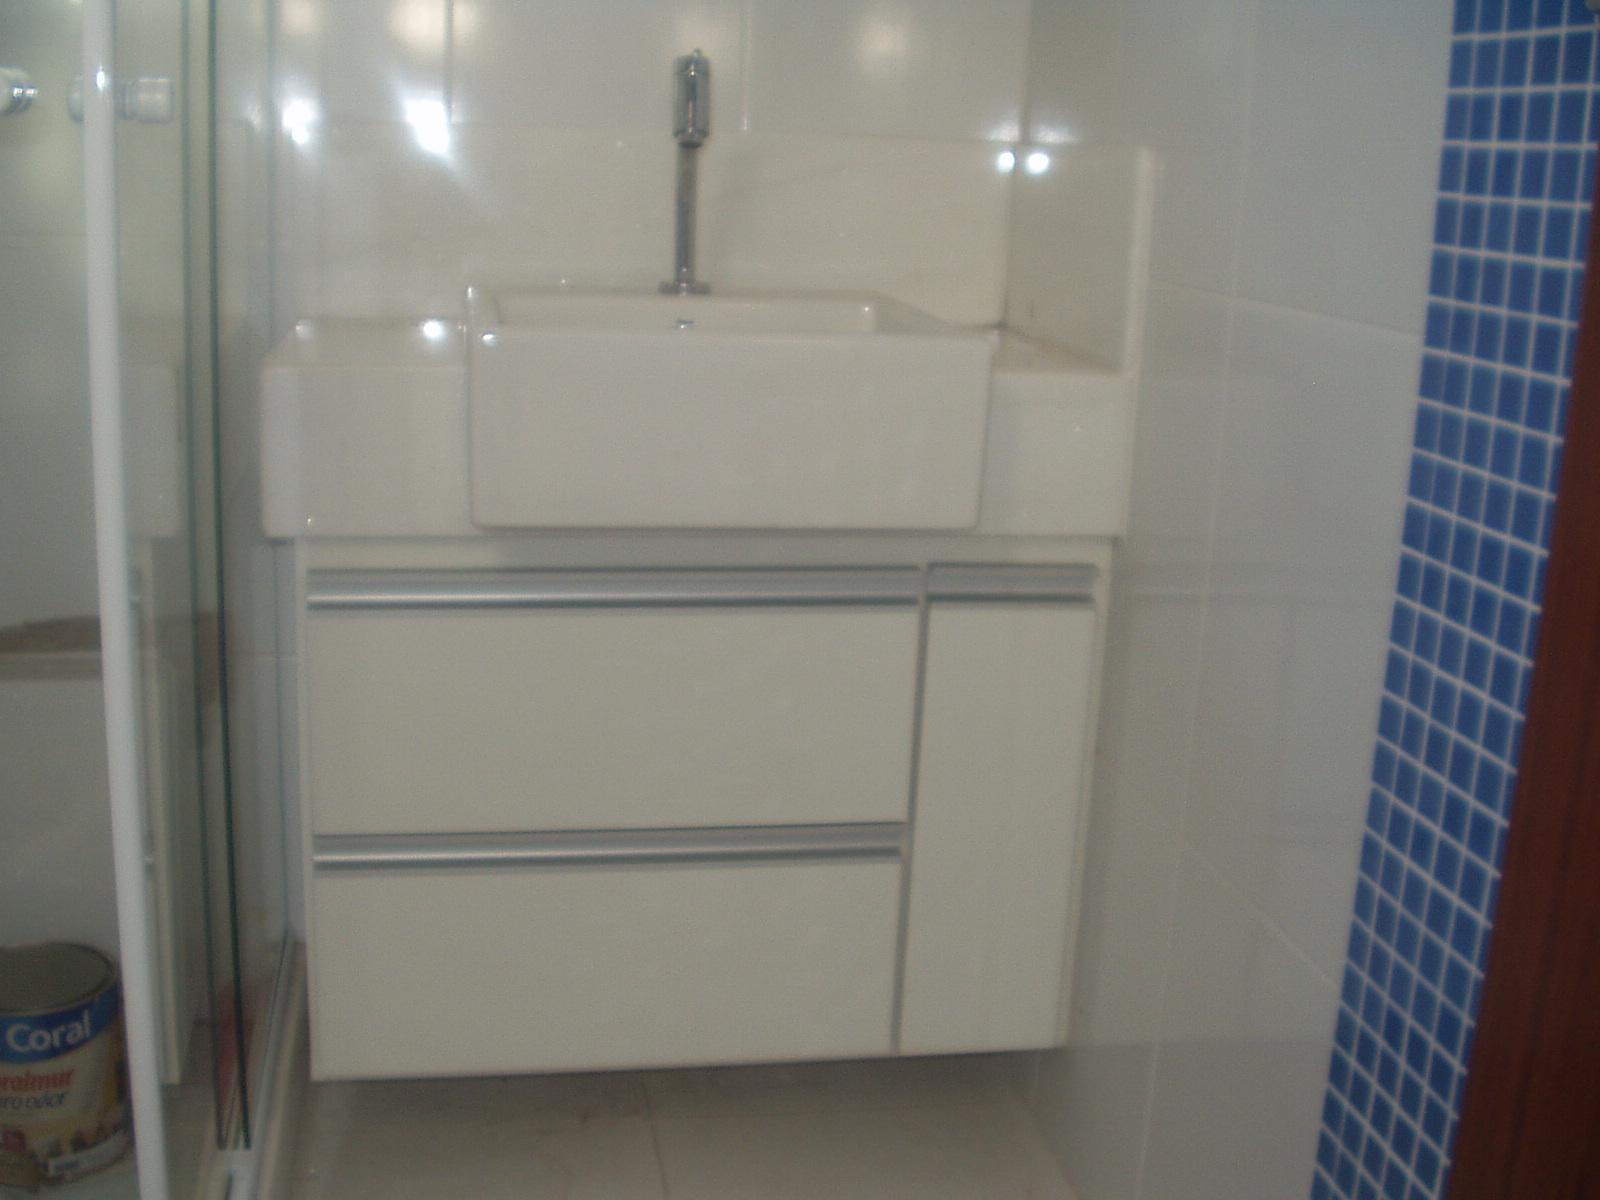 NEP decoracoes: Armário de Banheiro em MDF #324665 1600x1200 Armario Banheiro Mdf